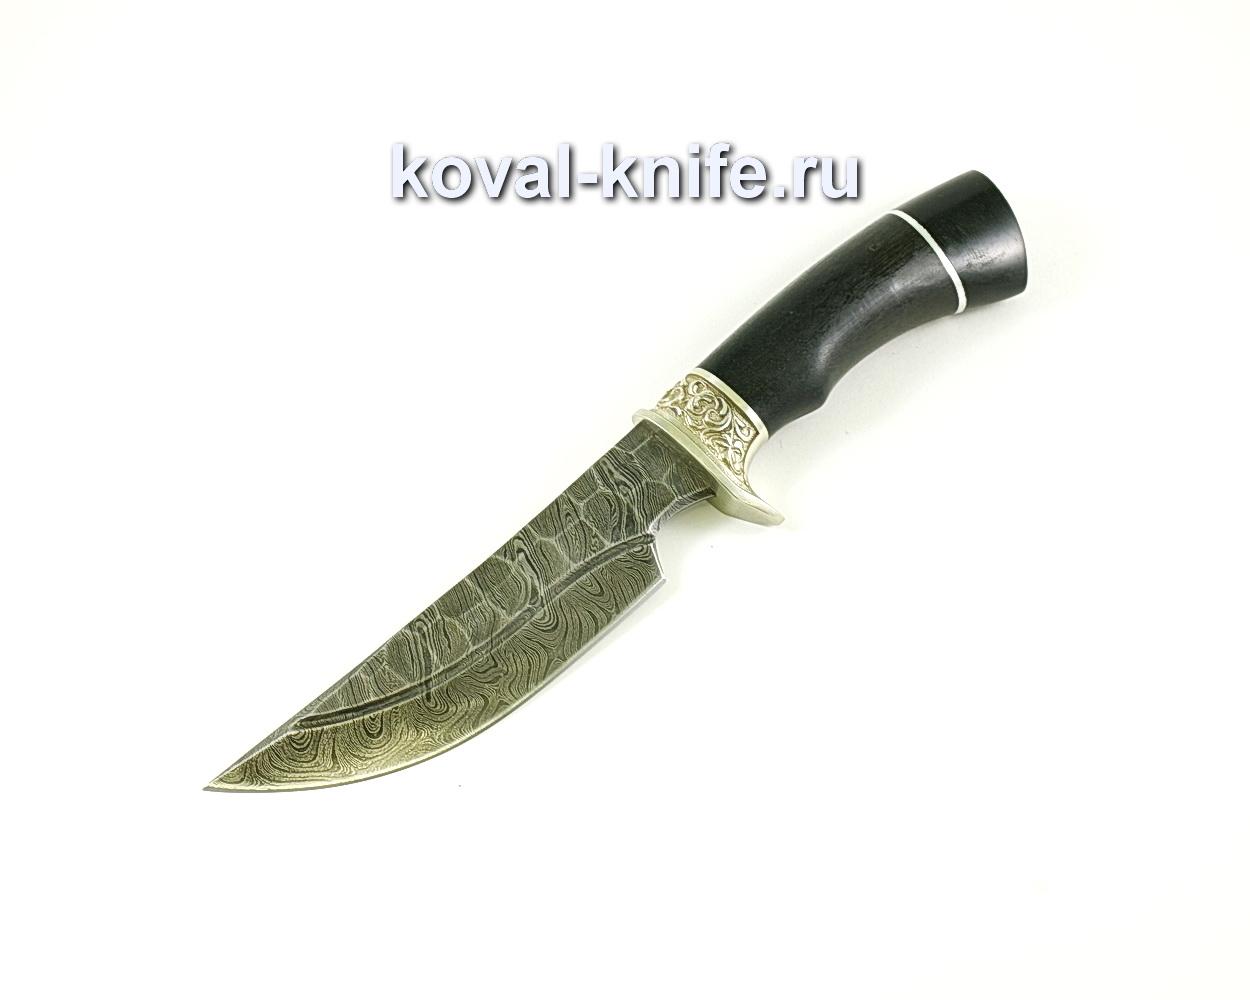 Нож Лис-2 (сталь дамасская), рукоять граб, мельхиор